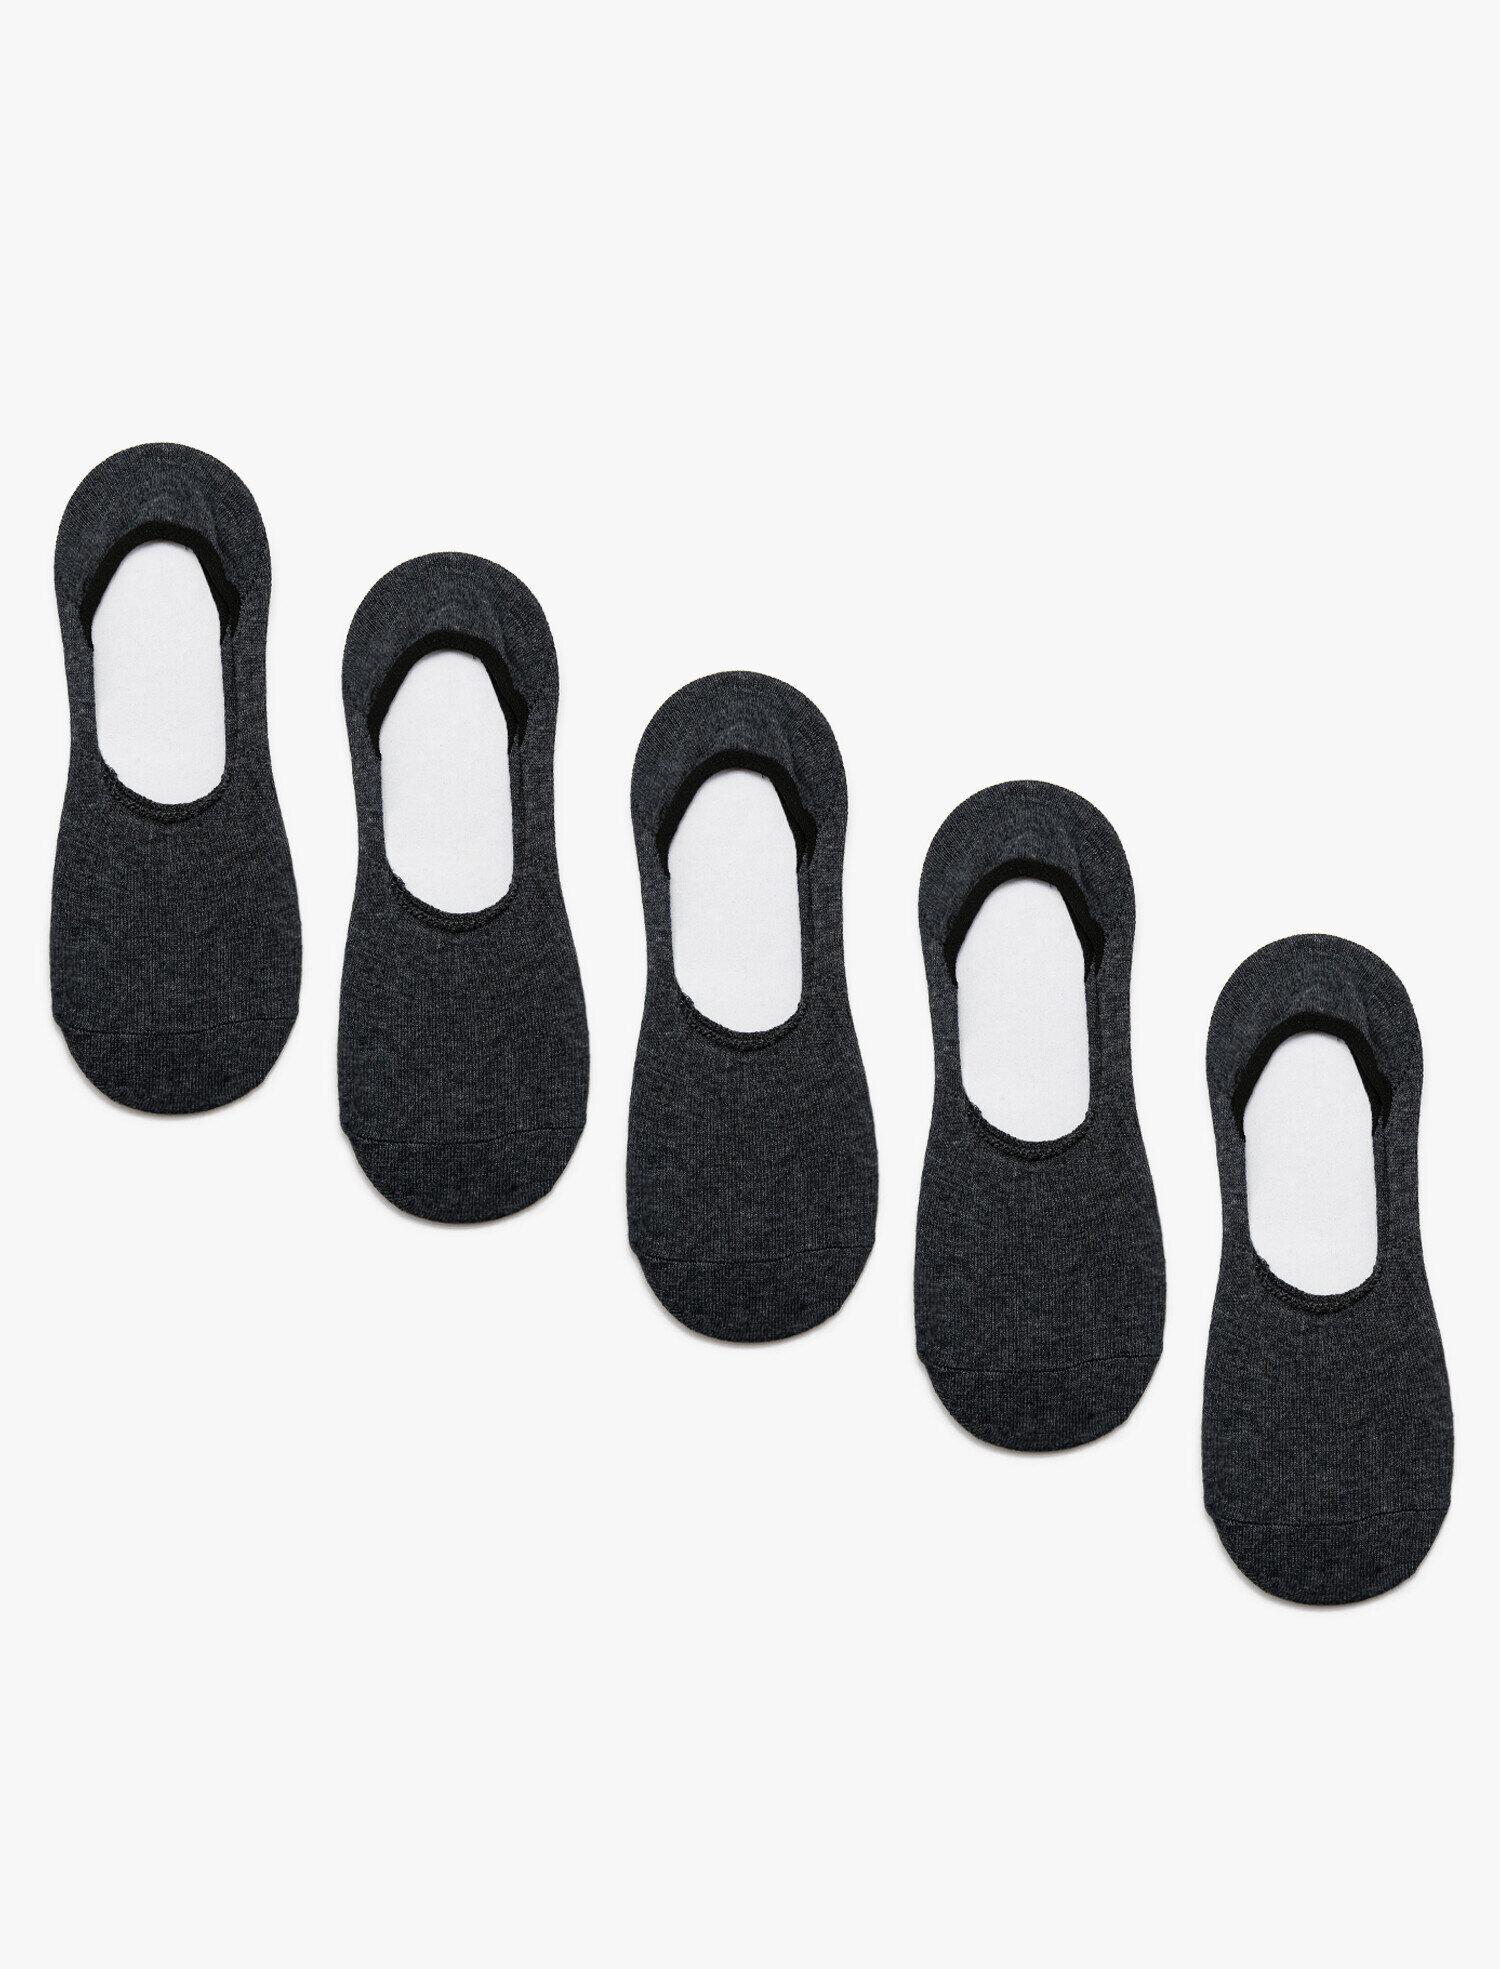 5 Pack Mans Socks